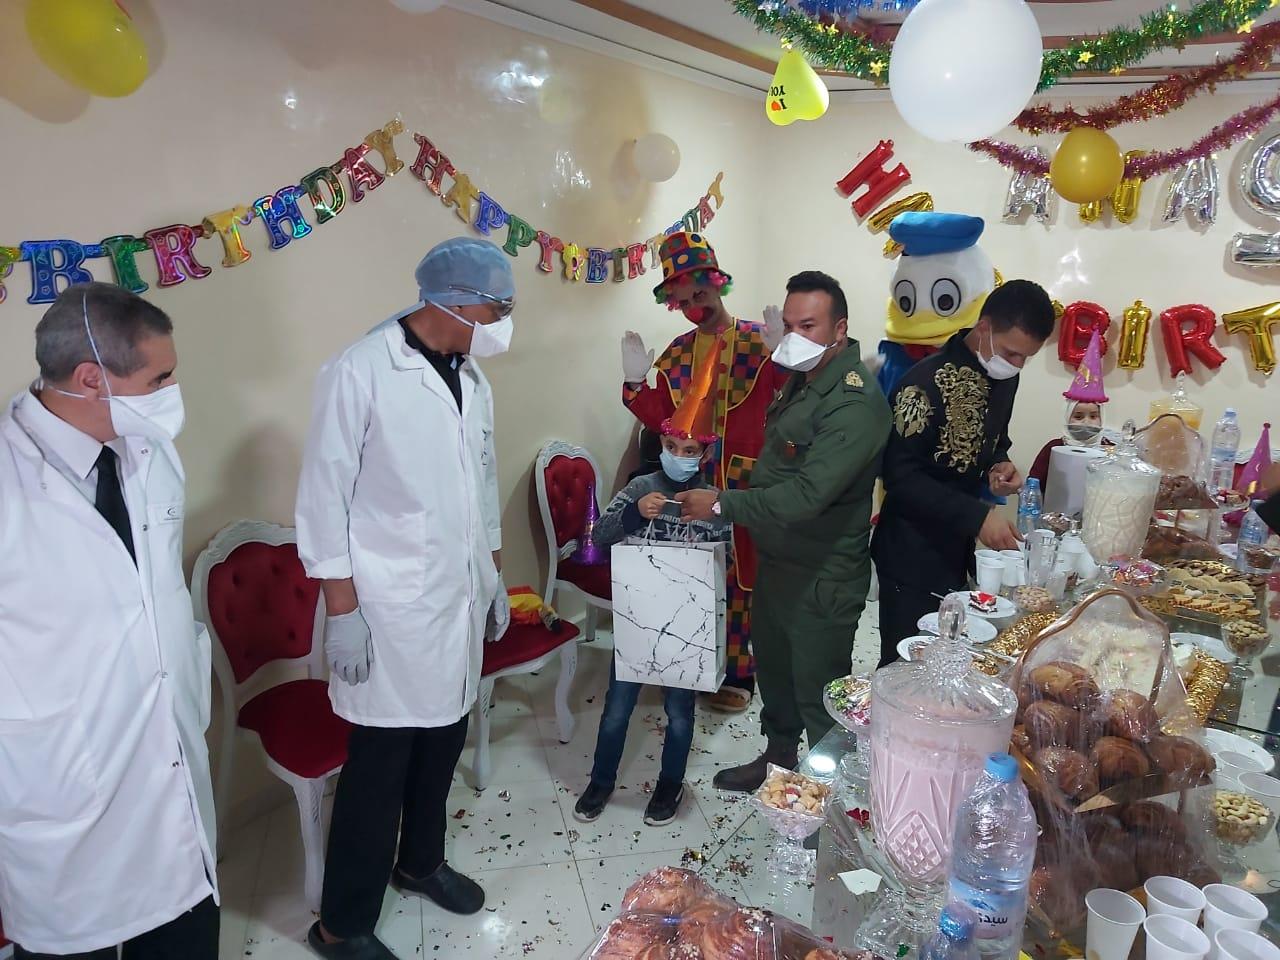 سلطات ميدلت تطبع الابتسامة على وجوه أطفال أصيبوا بفيروس كورونا